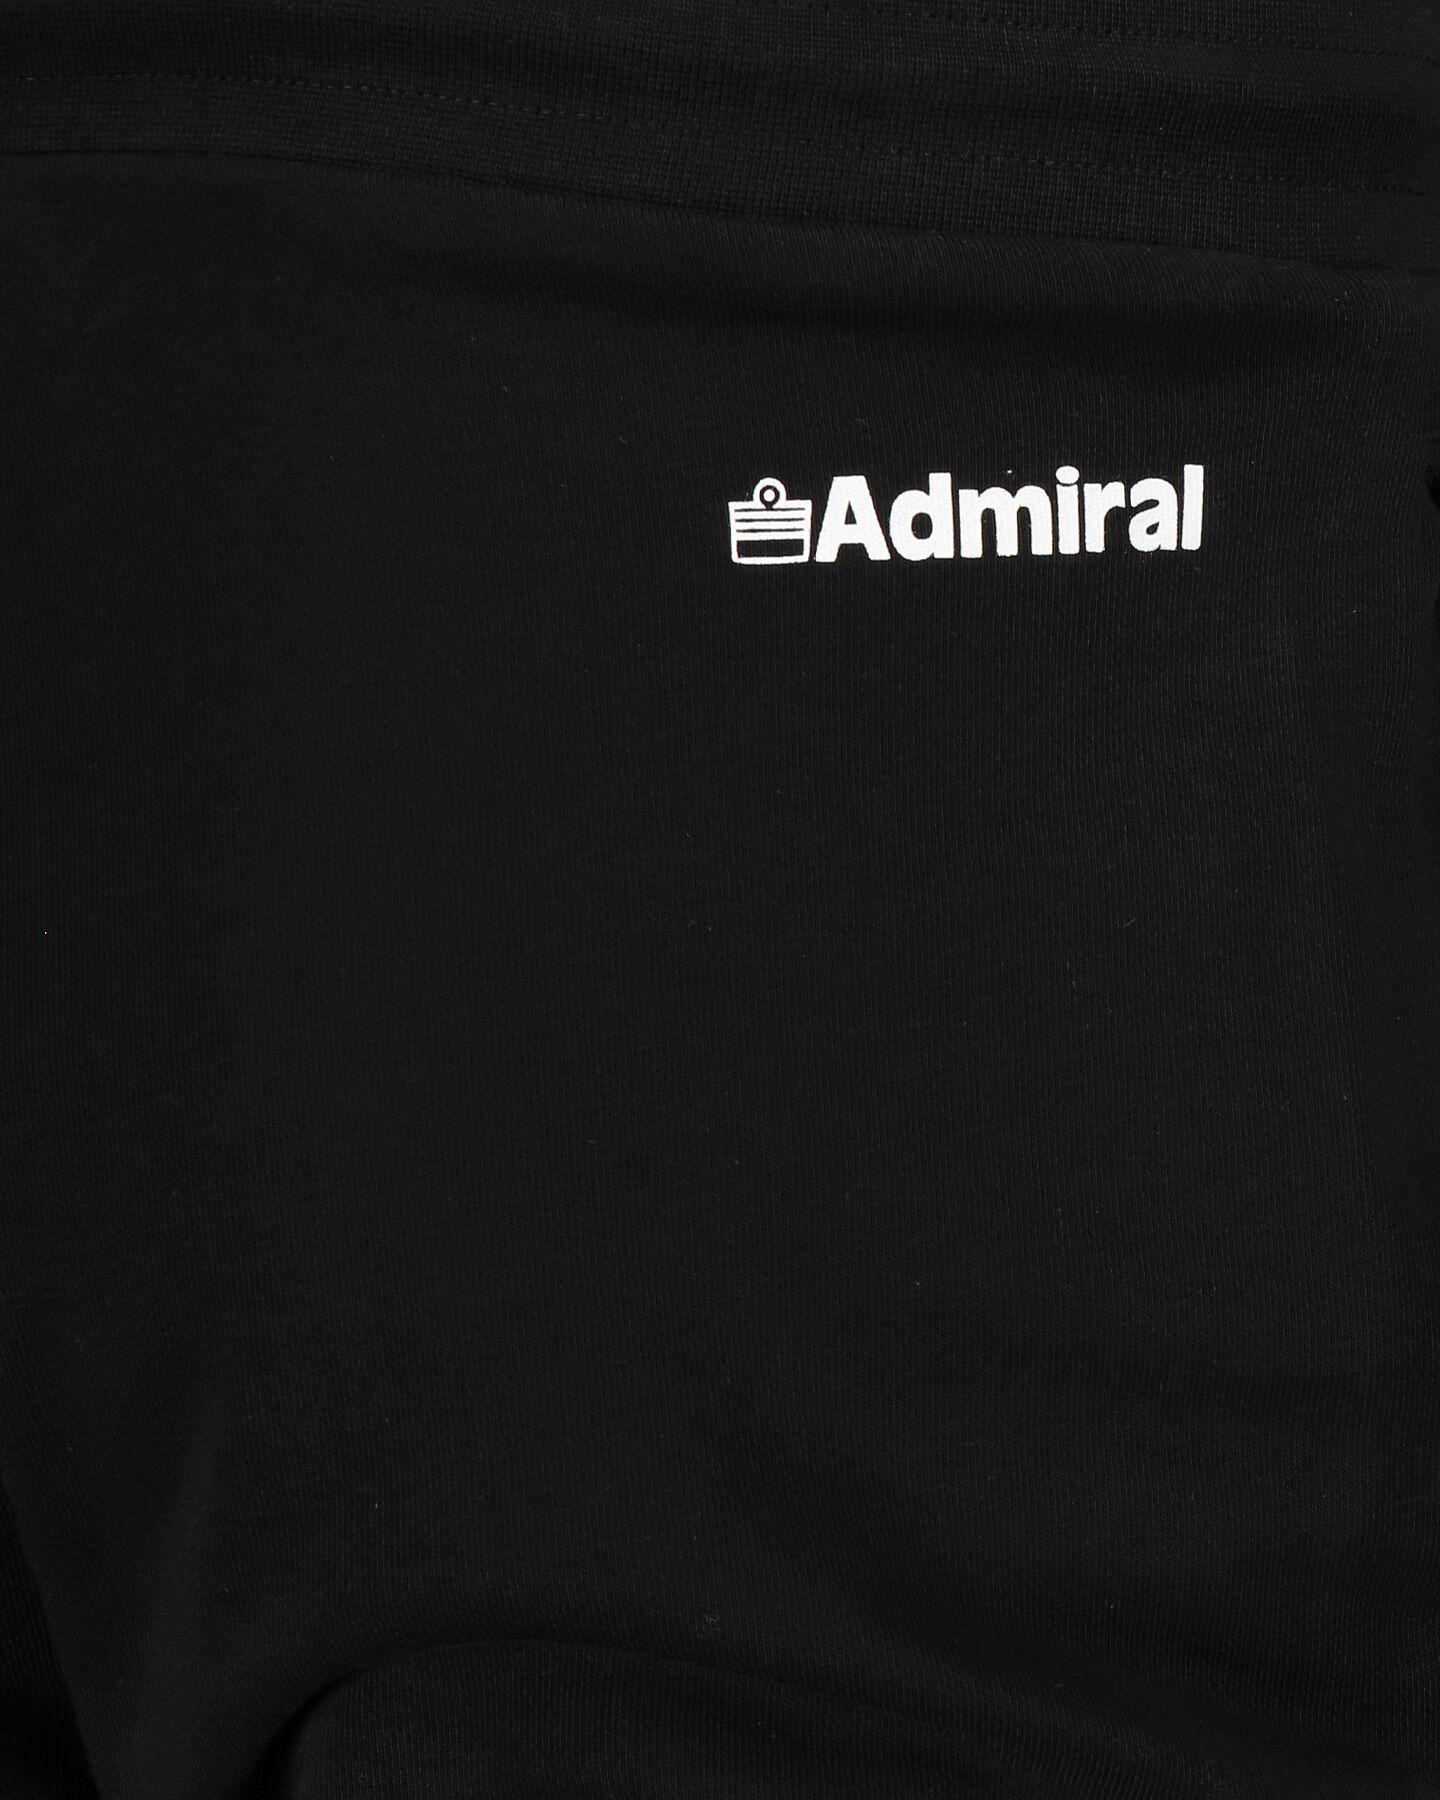 Pantalone ADMIRAL CLASSIC W S4087720 scatto 3